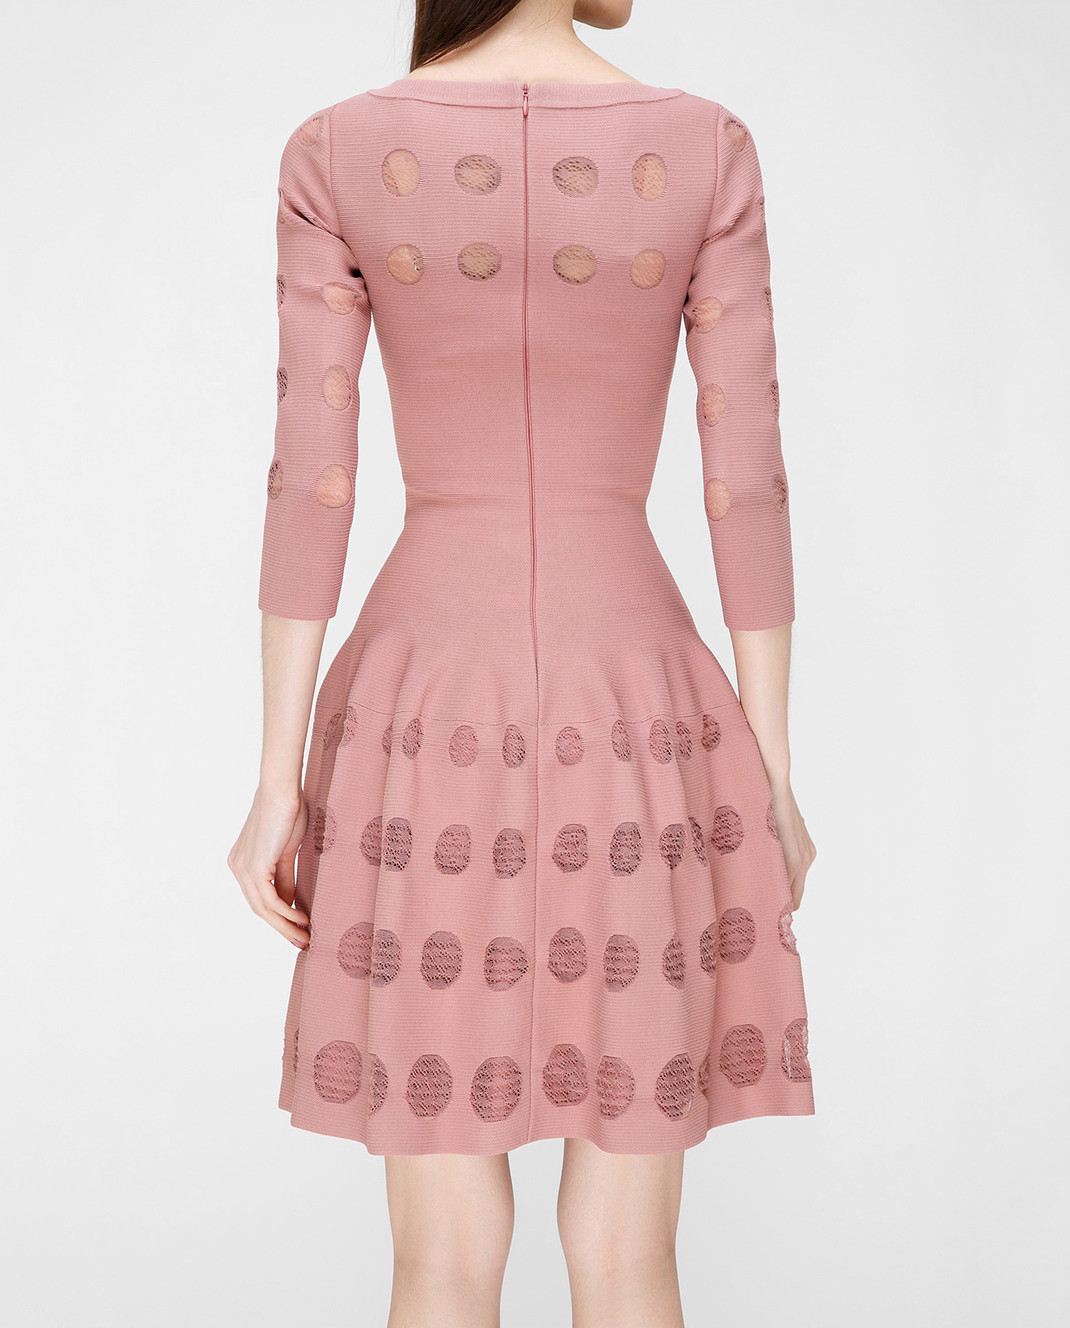 Azzedine Alaia Розовое платье с перфорацией изображение 4